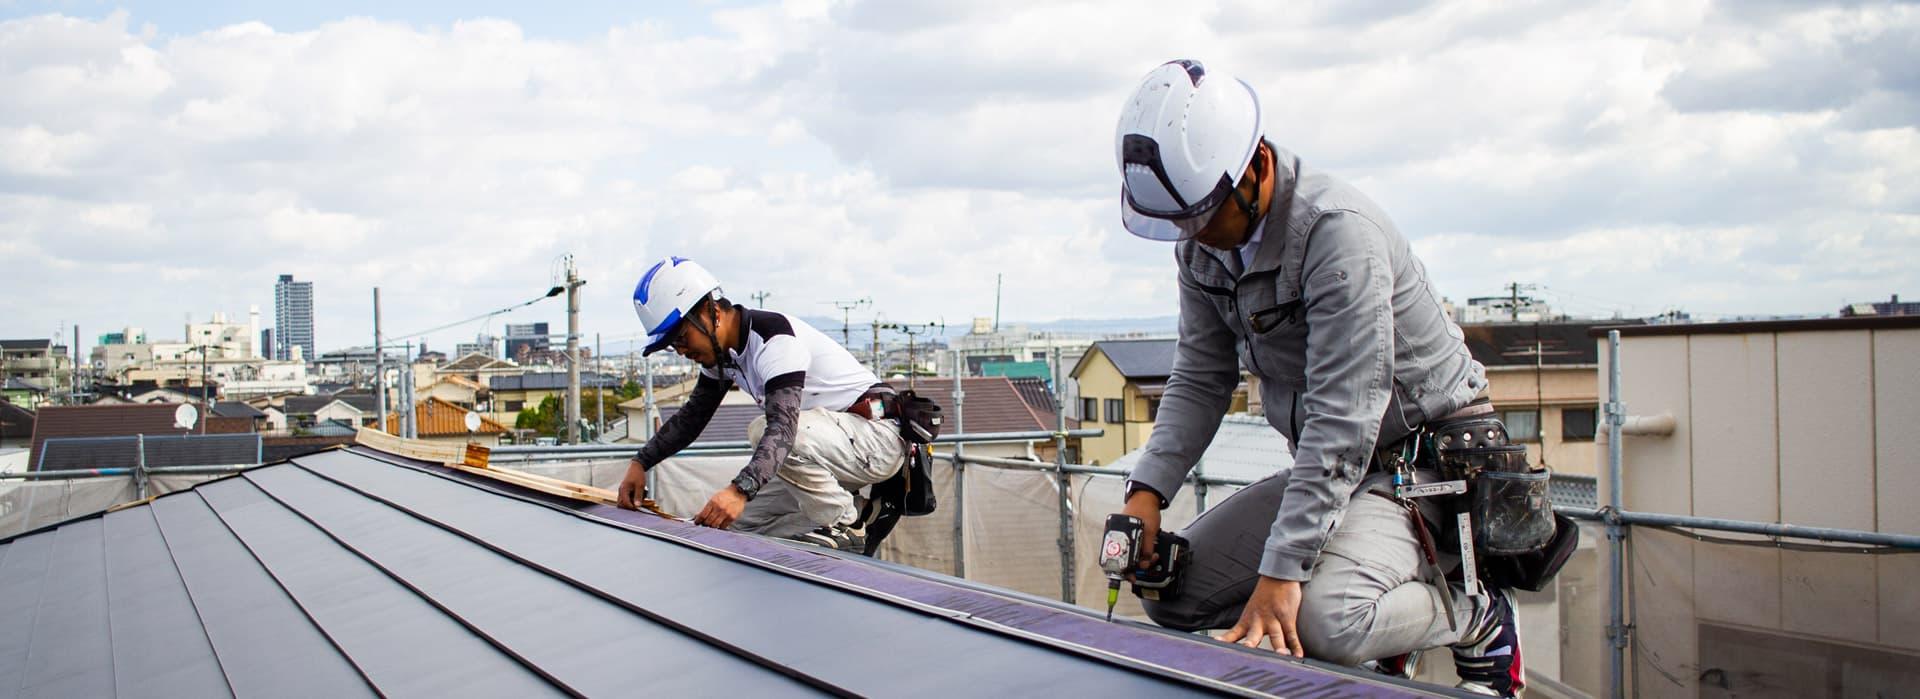 大阪の屋根工事・雨漏り修理・雨樋工事業者|輝匠建業の会社概要